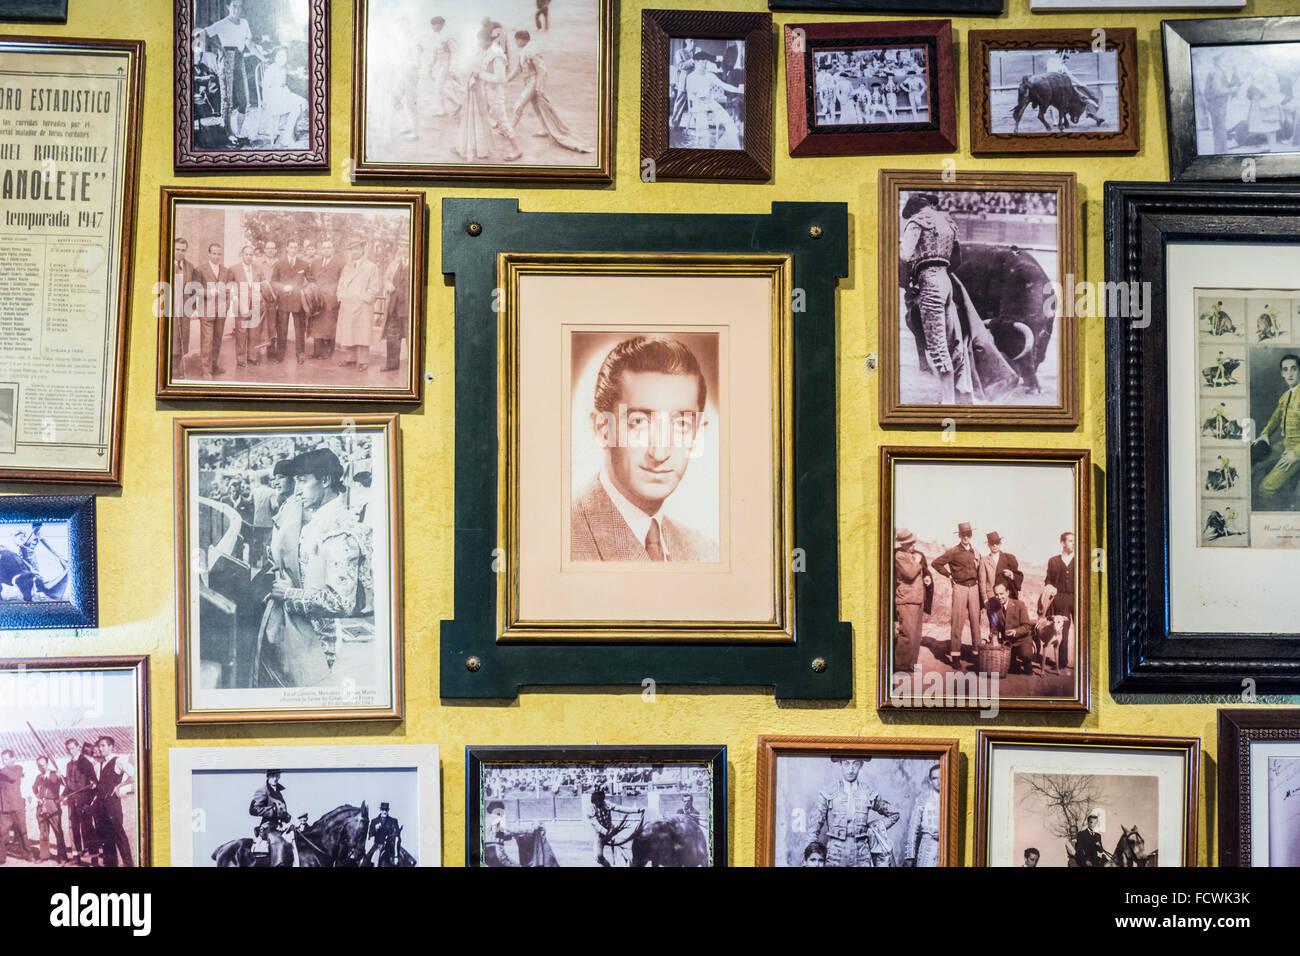 Cordoue, Espagne, province de Cordoue. Des photographies de l'espagnol torero Manolete dans l'intérieur Photo Stock